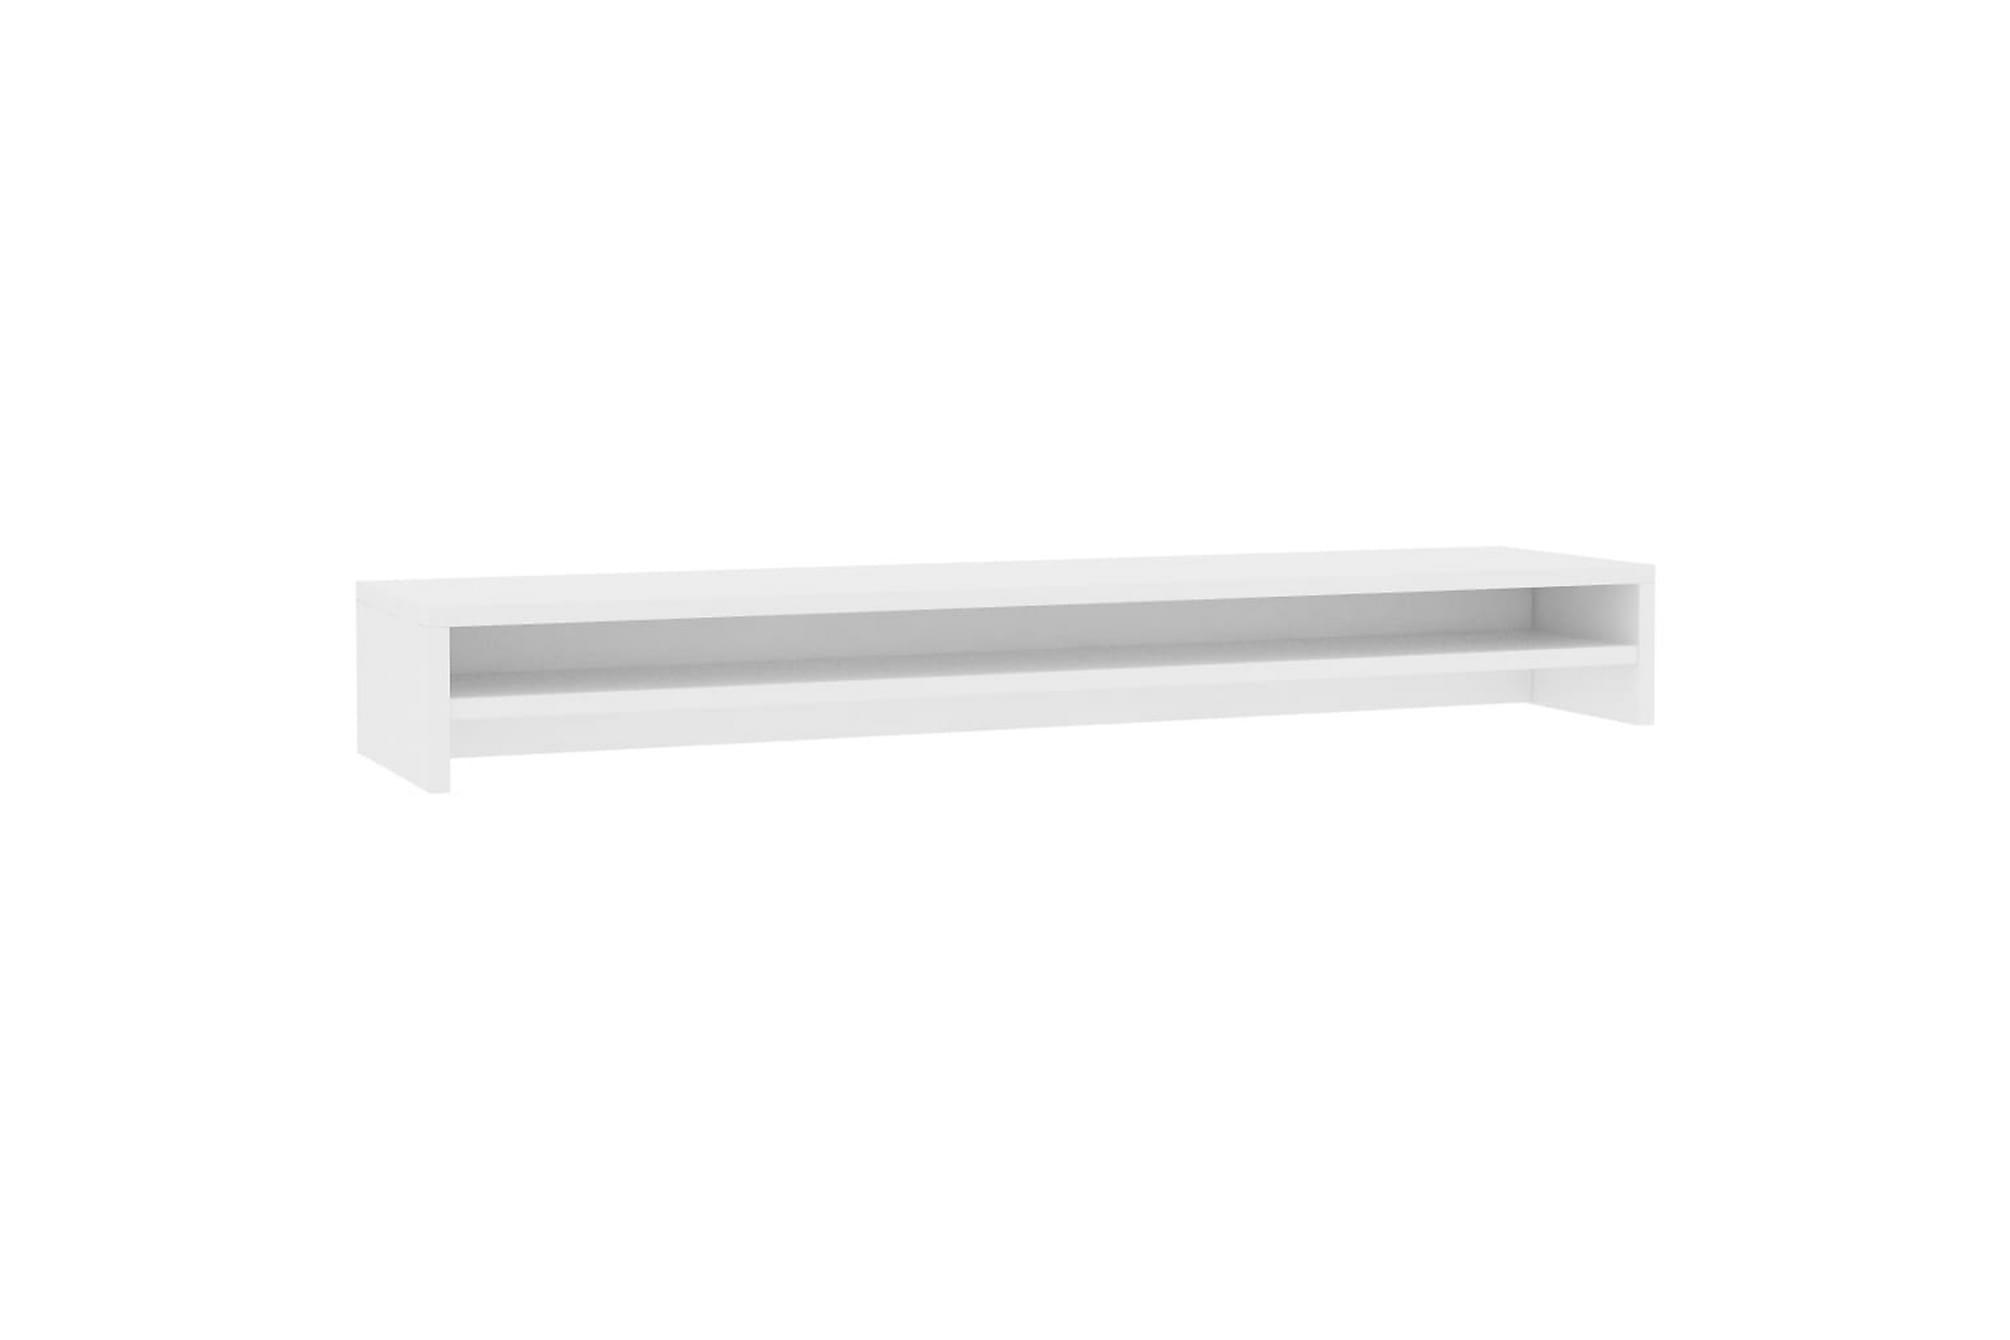 Skärmställ vit 100x24x13 cm spånskiva, Tv-väggfästen